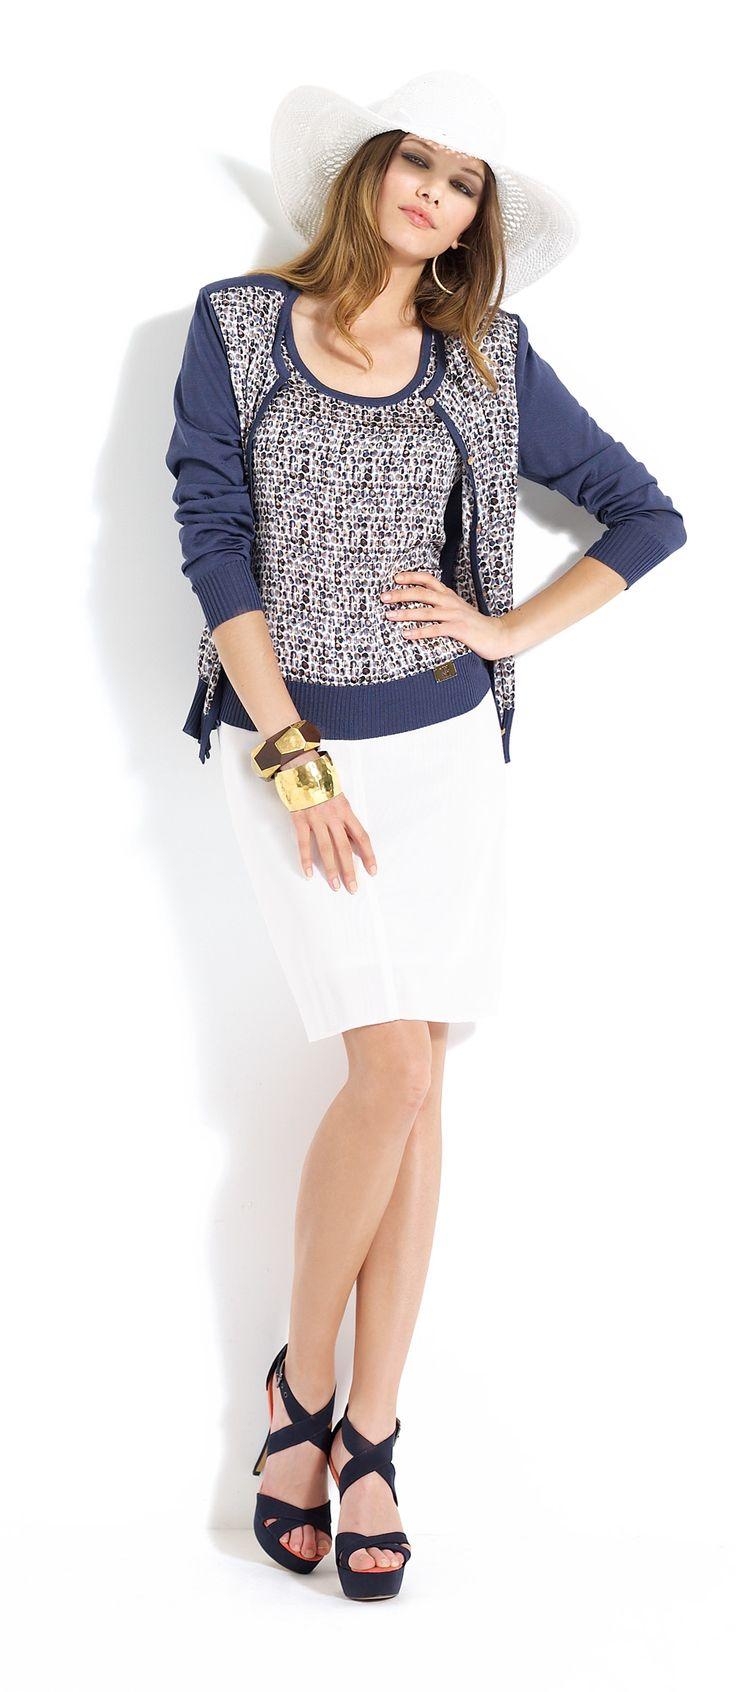 Falda blanca con jersey y rebeca a juego #skirt #white #cardigan